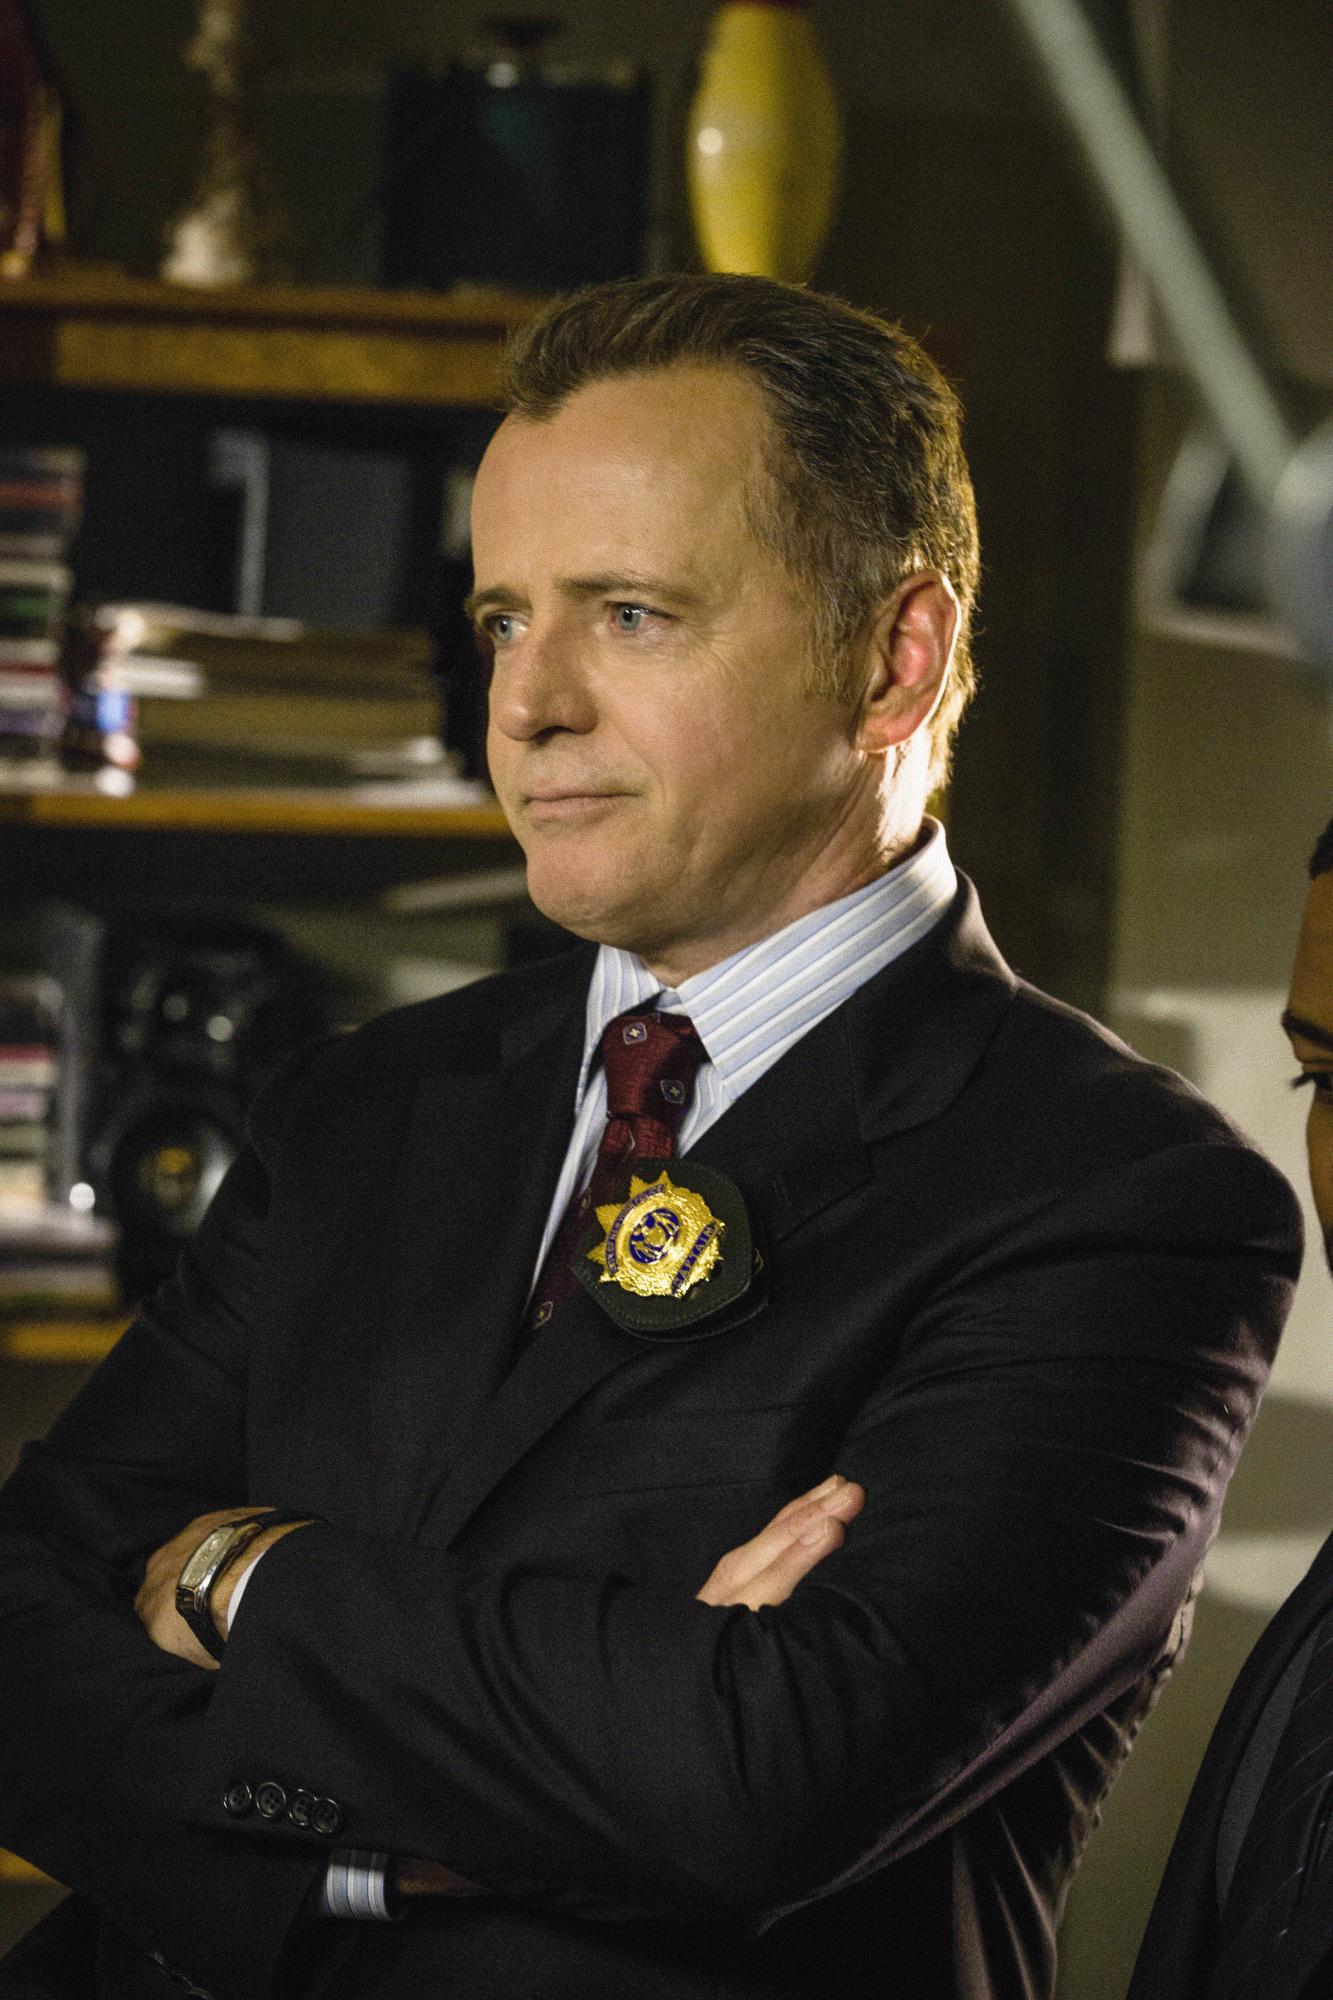 Captain Gregson